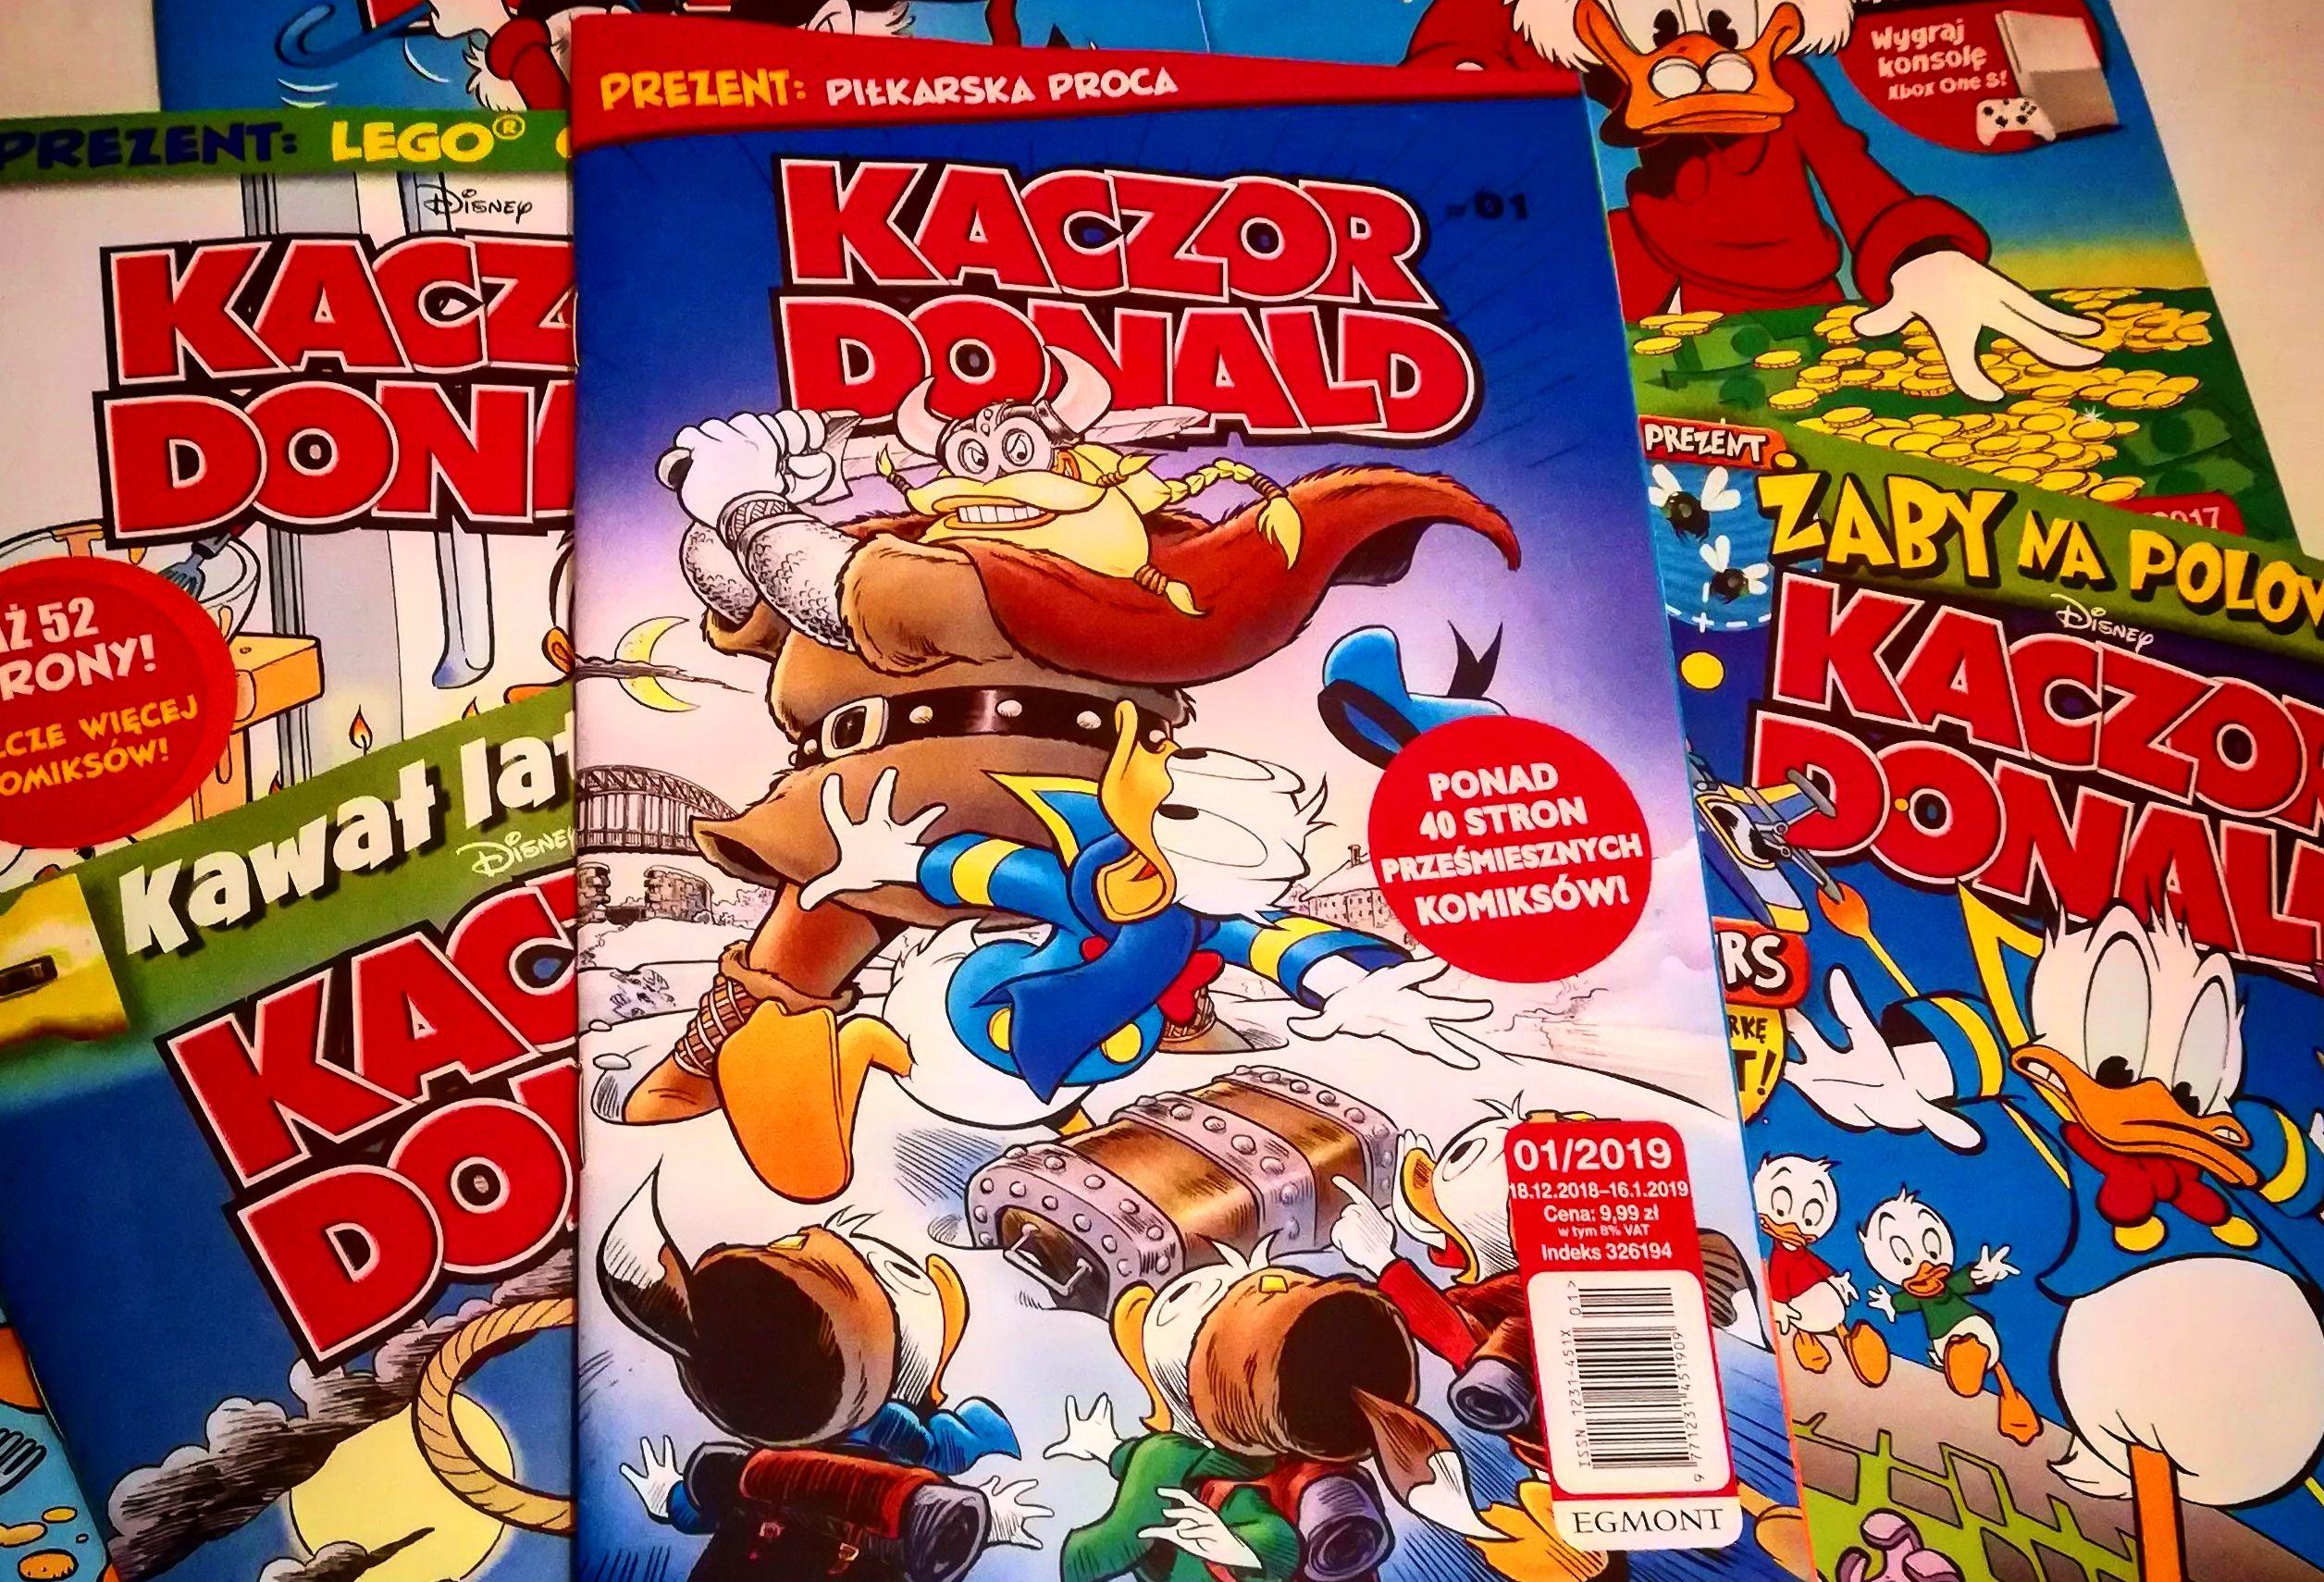 czasopismo kaczor donald